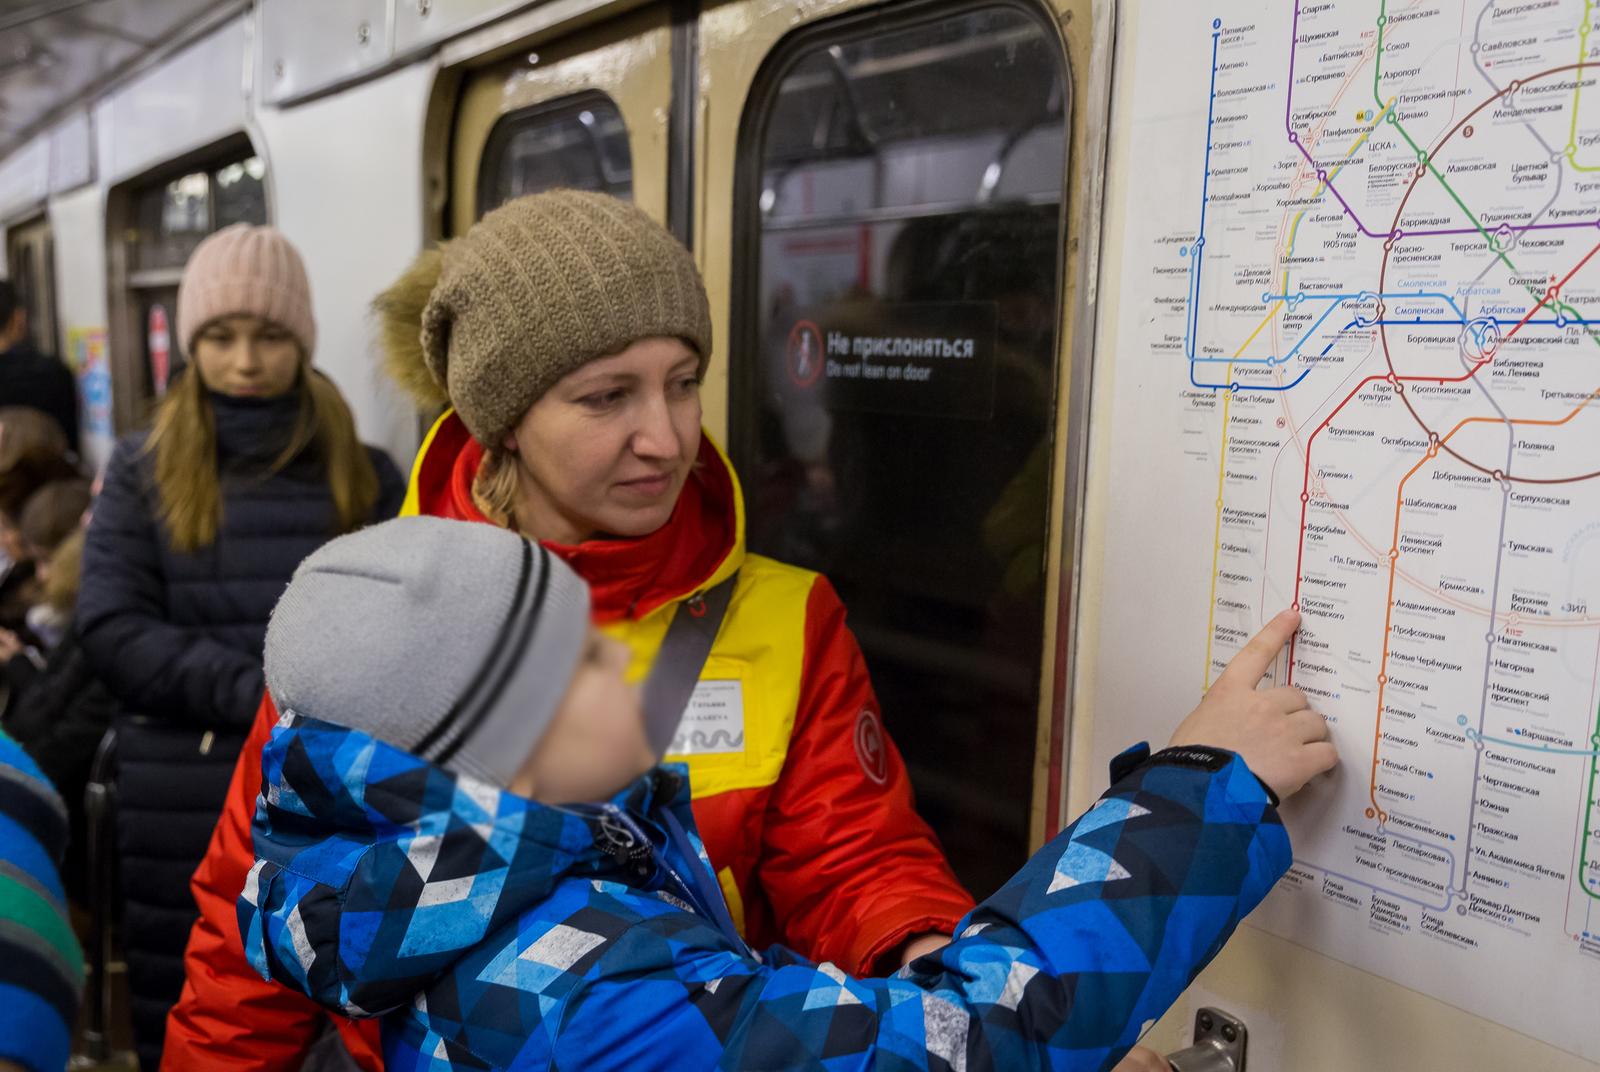 Сотрудница Центра обеспечения мобильности пассажиров Московского метрополитена помогает юному москвичу доехать до нужной станции